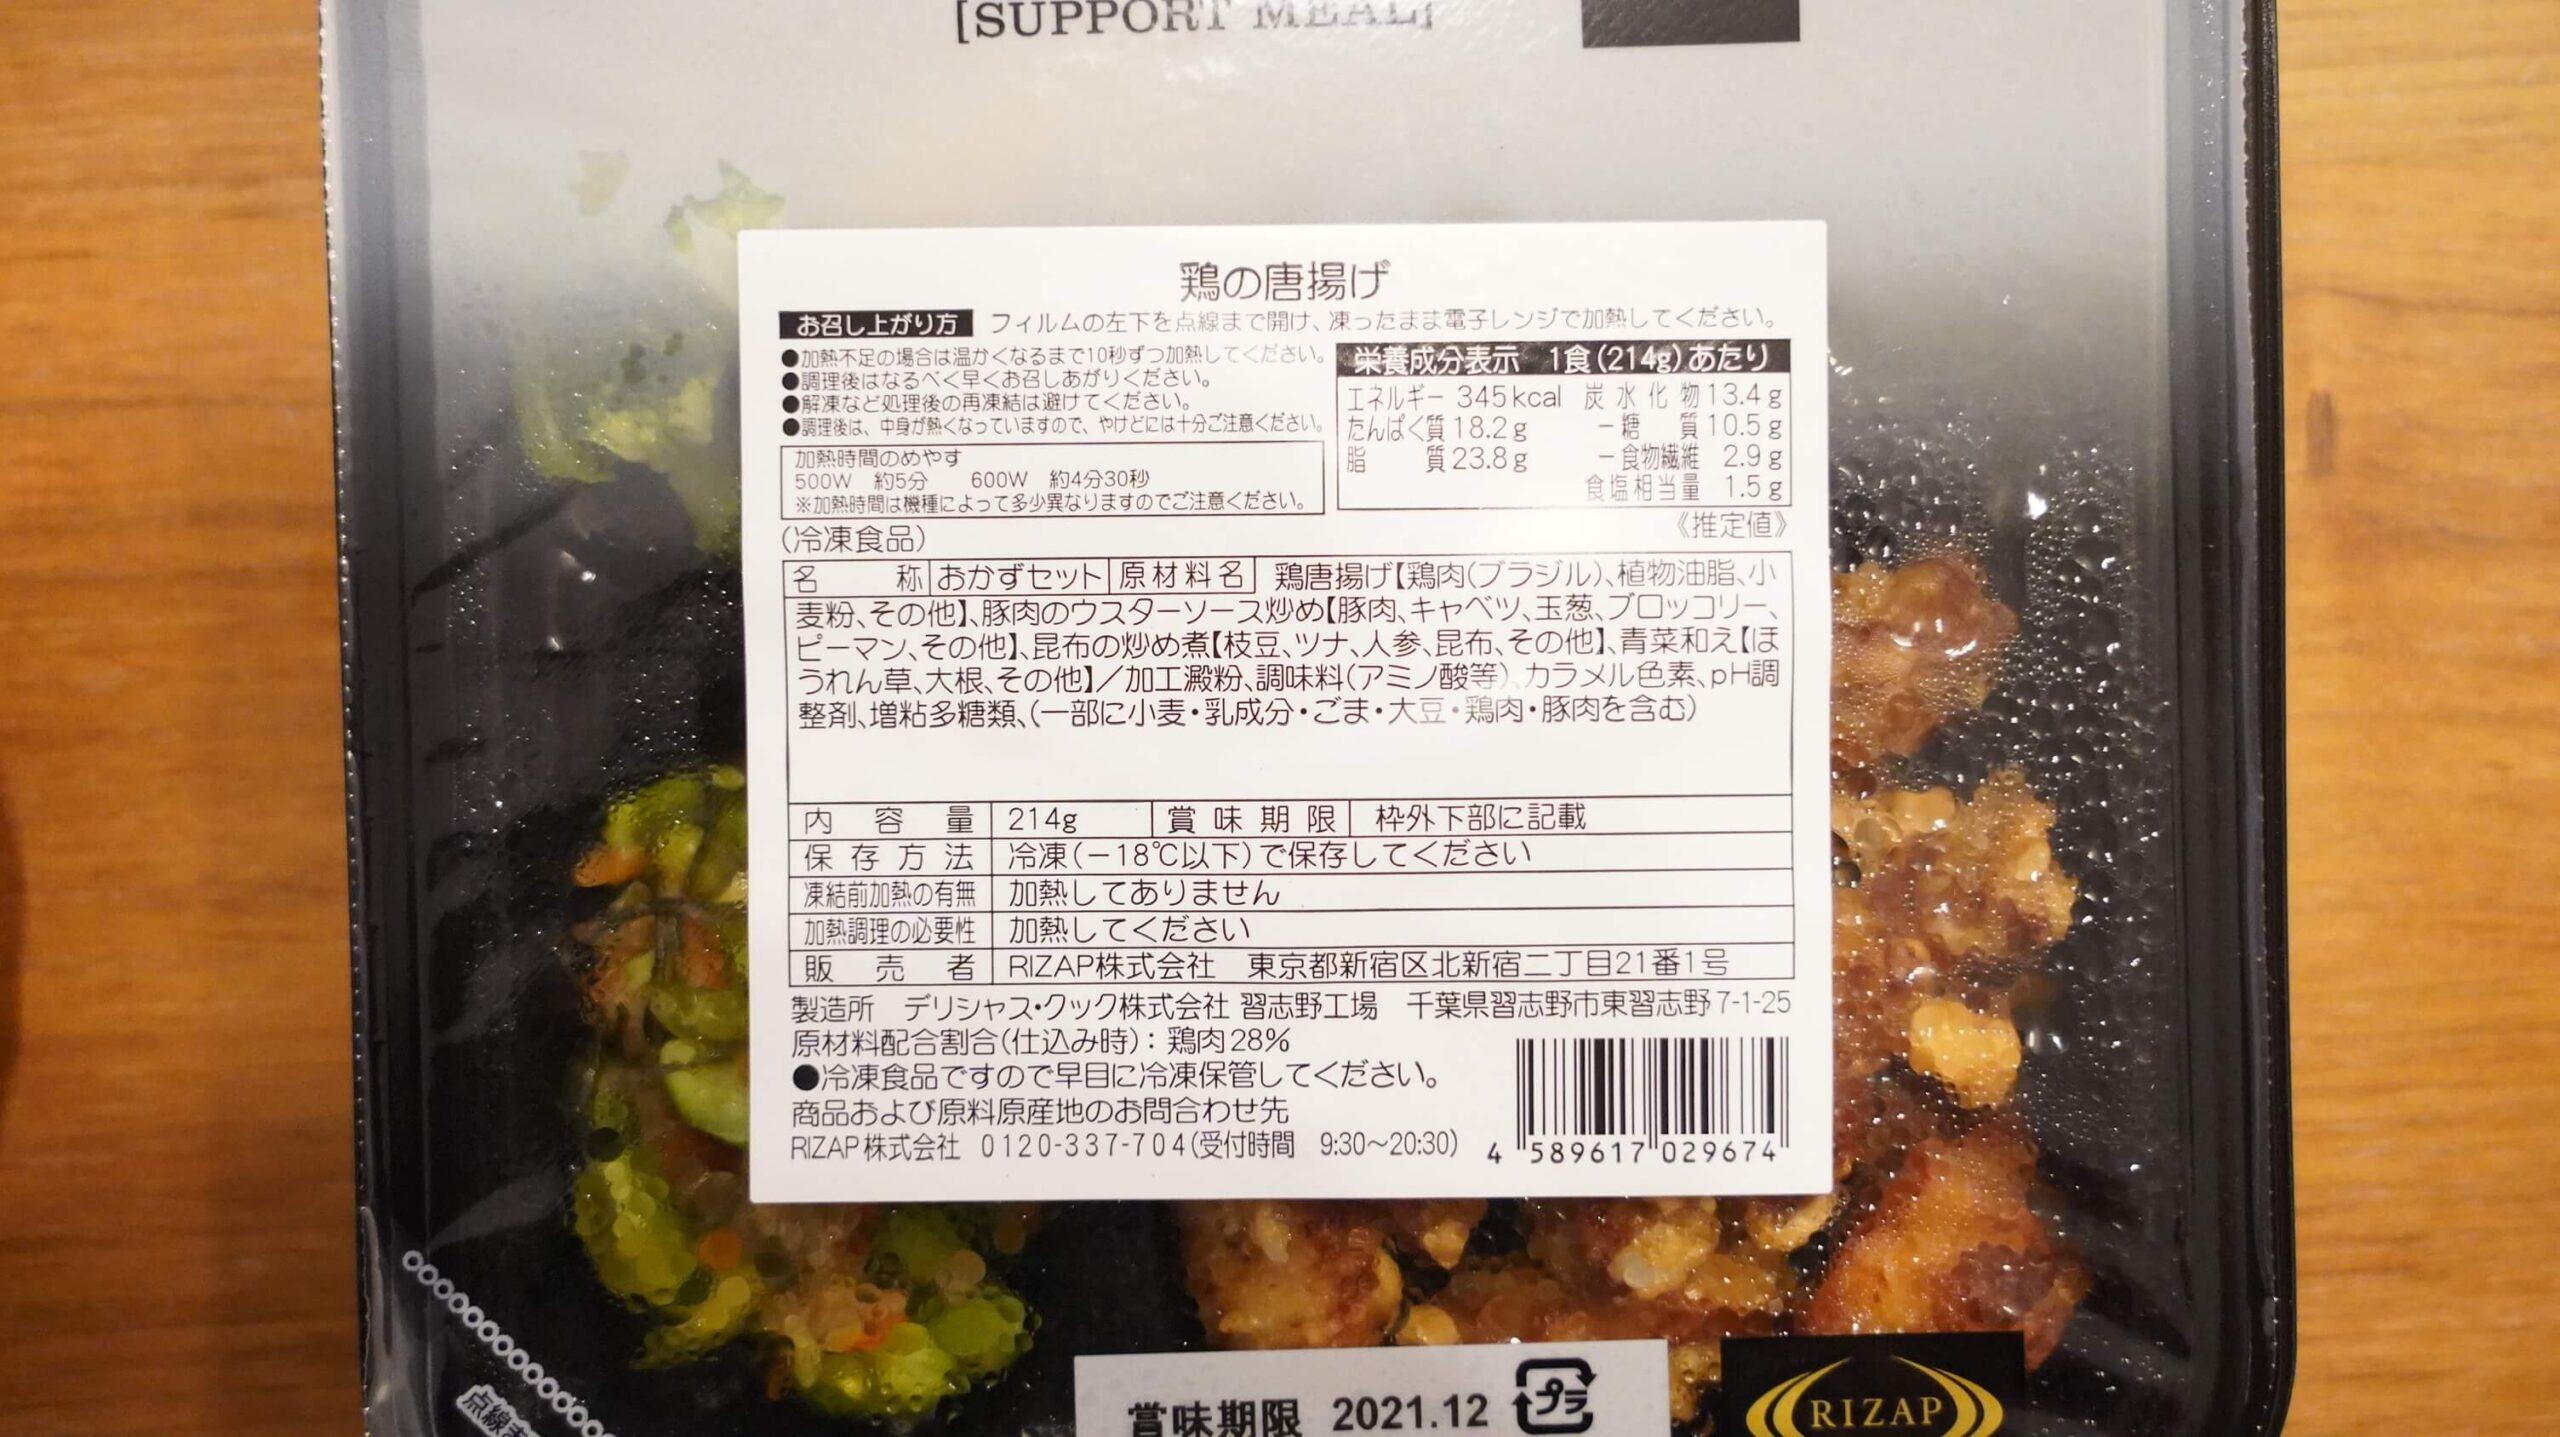 ライザップのサポートミール「鶏の唐揚げ」の商品情報の写真